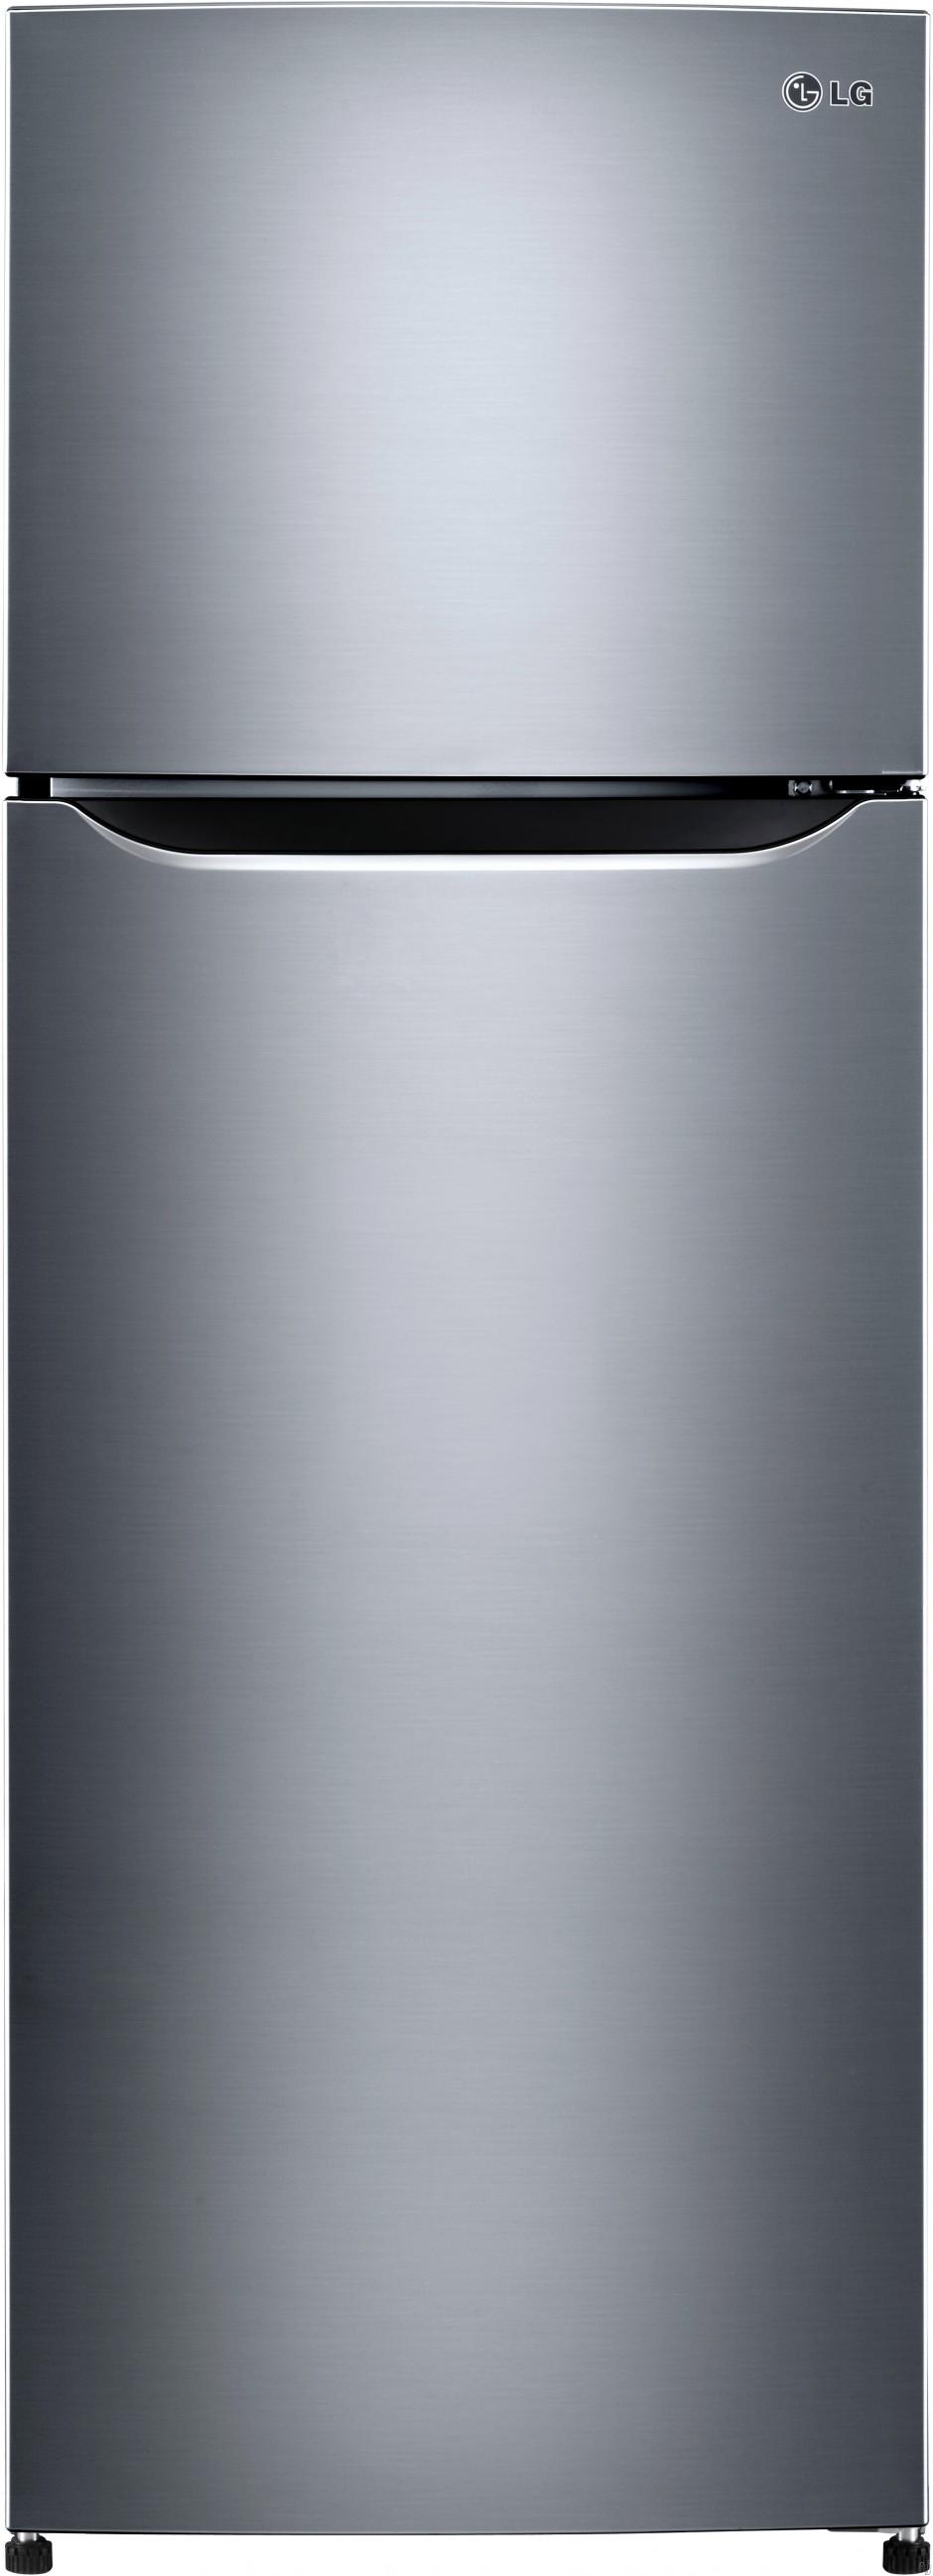 Avanti Refrigerator Settings | Avanti Refrigerator | Avanti Appliance Parts